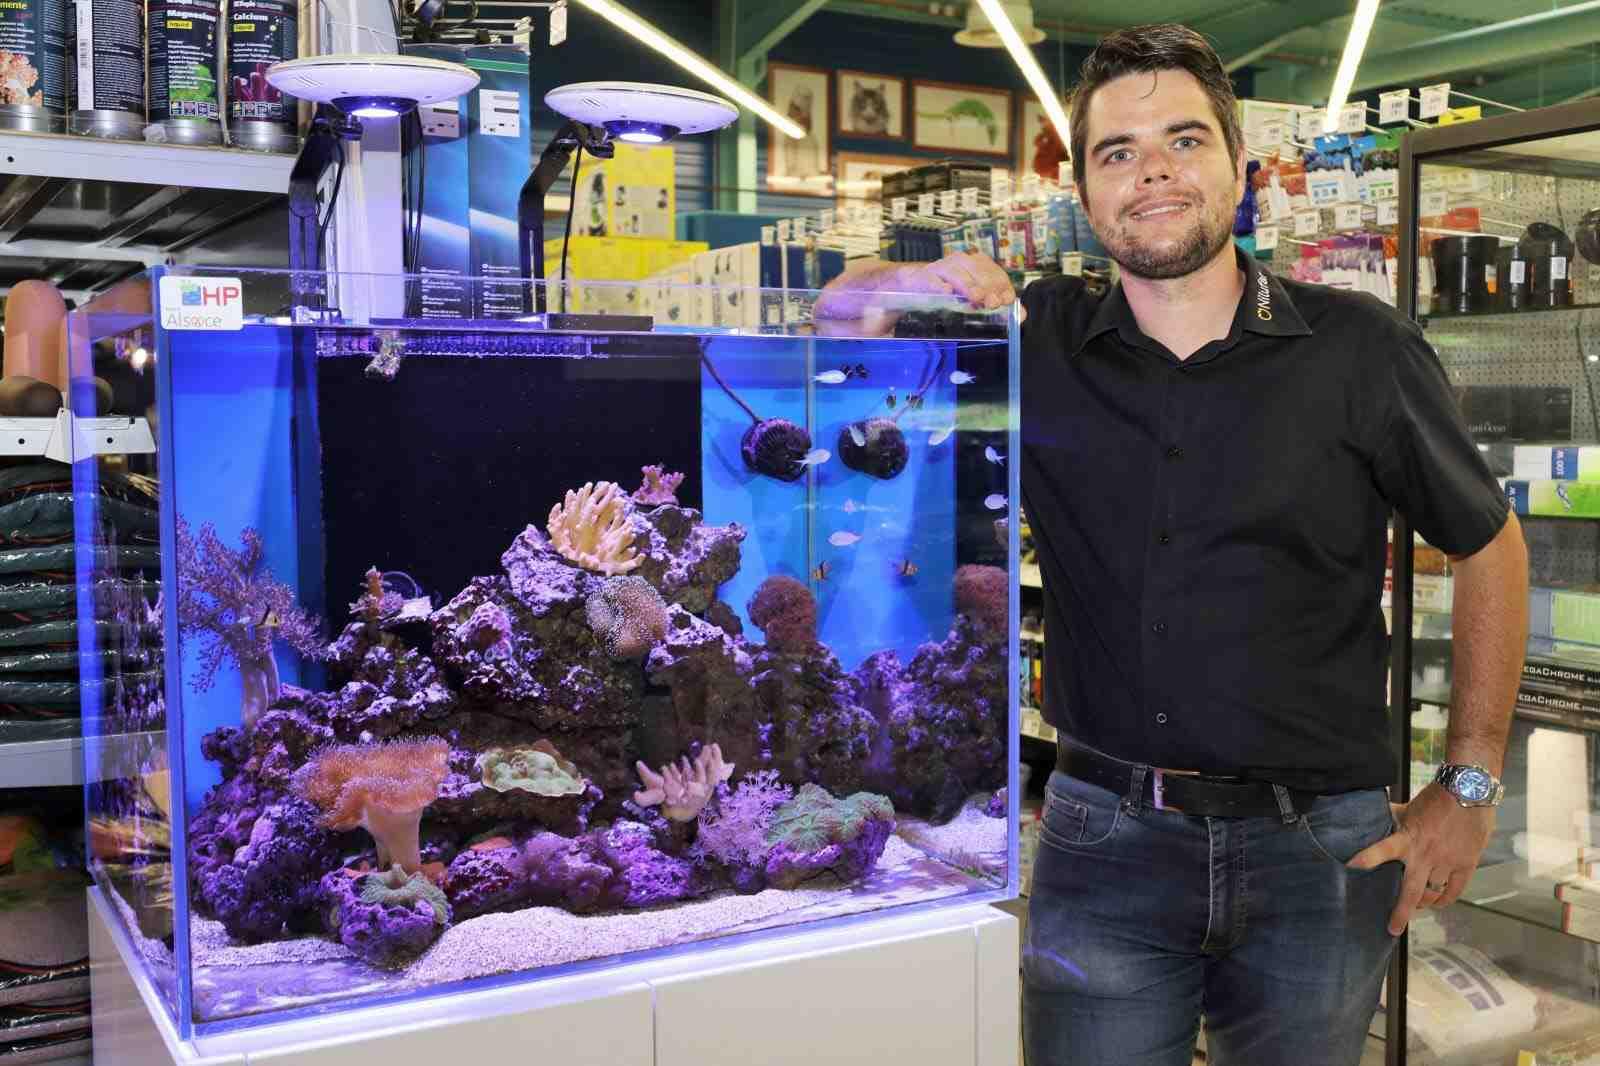 Quel poisson pour un nano aquarium?